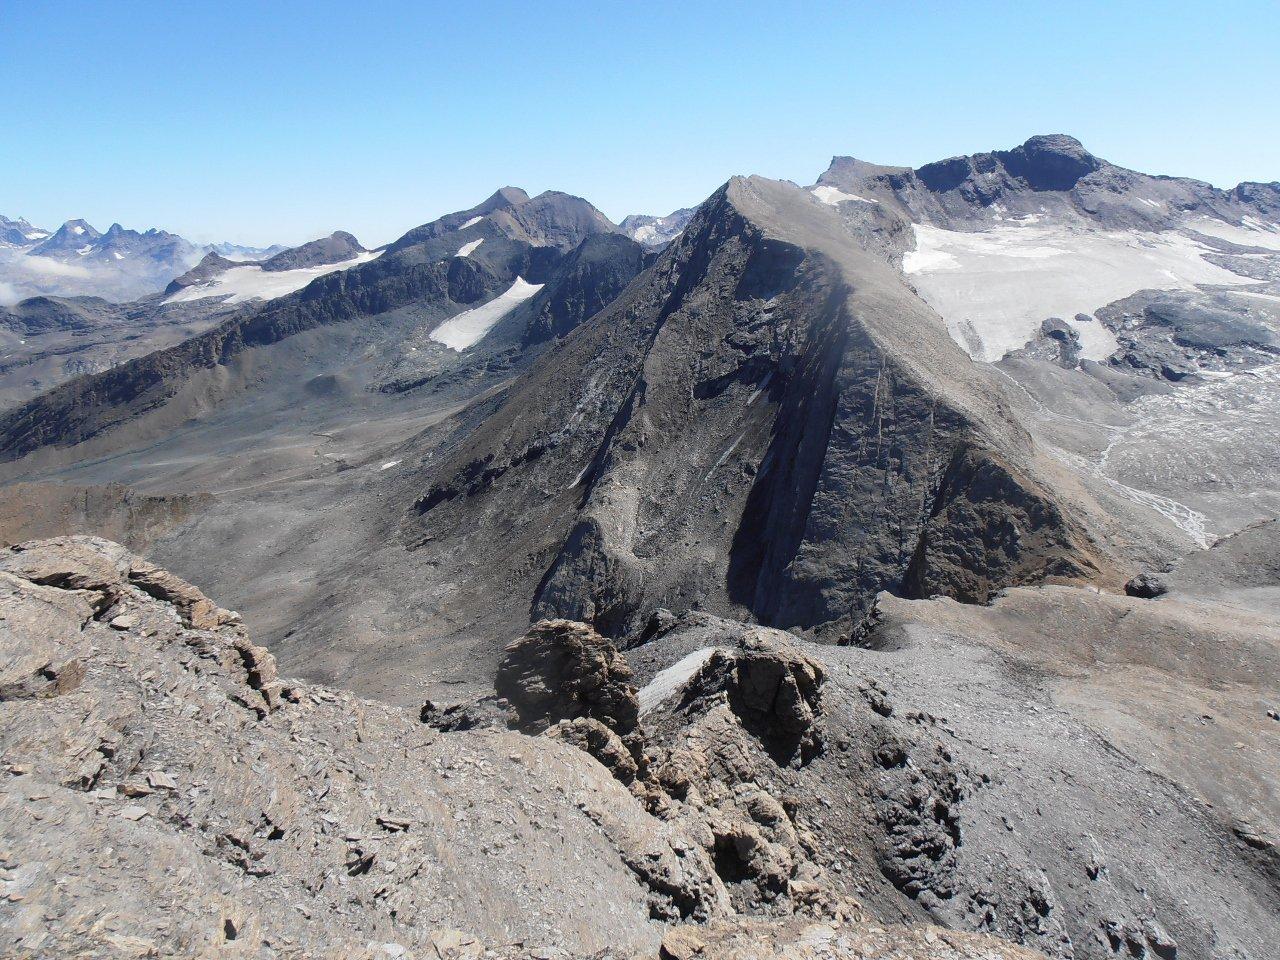 02 - Aguille Pers vista dalla cima est